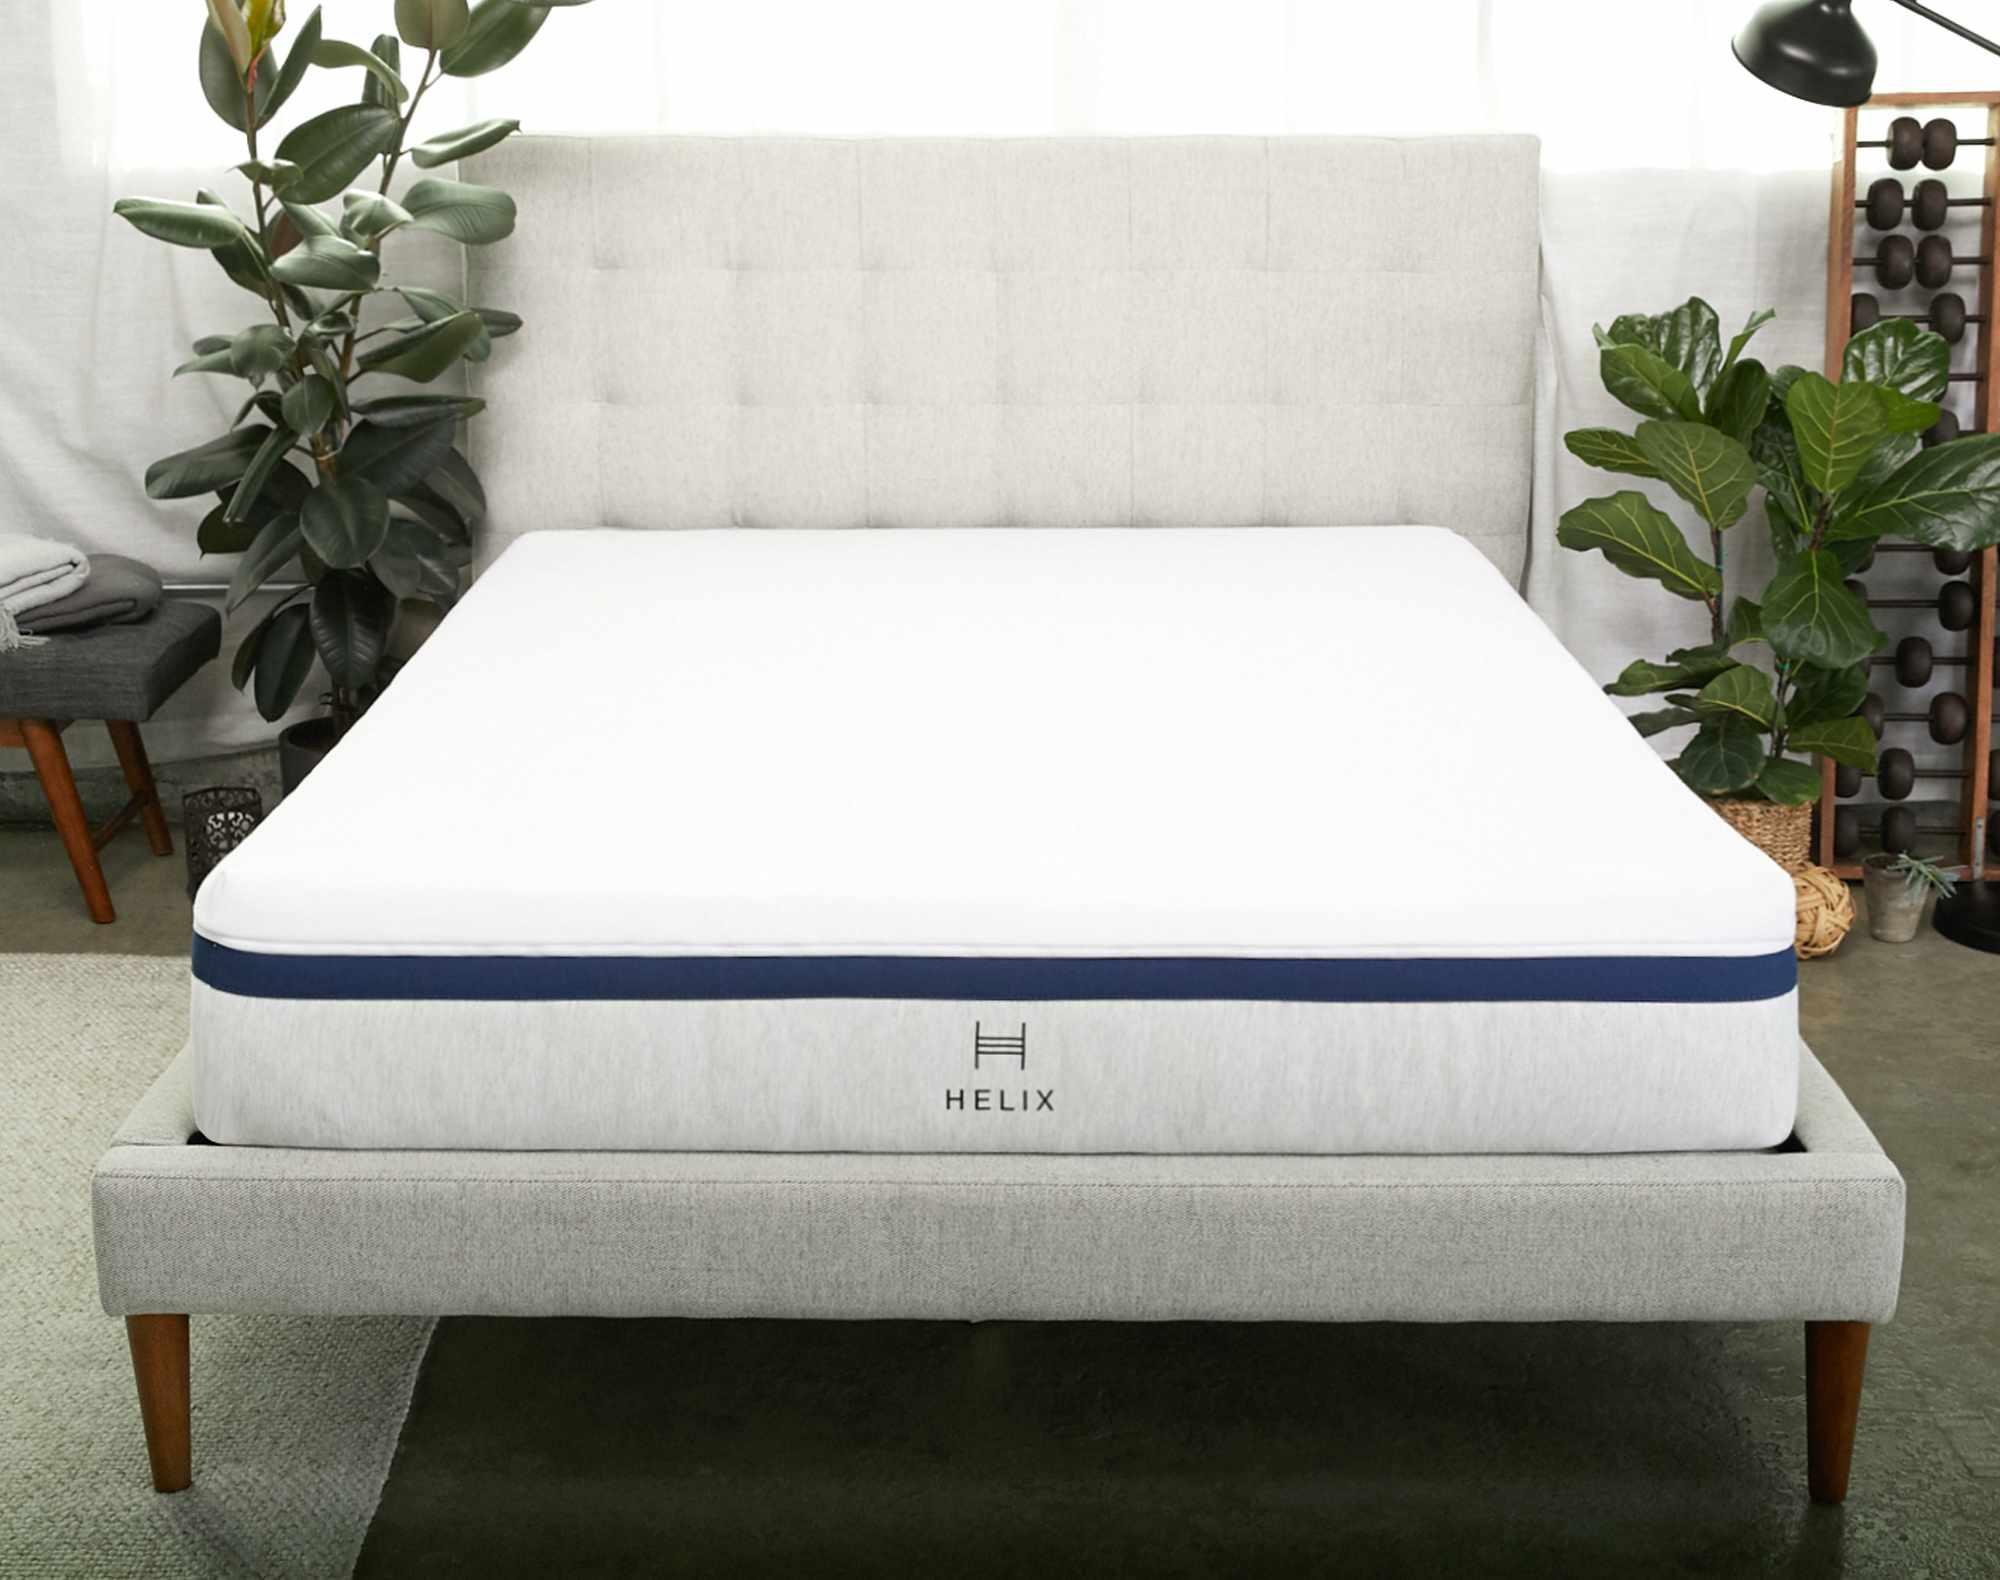 helix-mattress